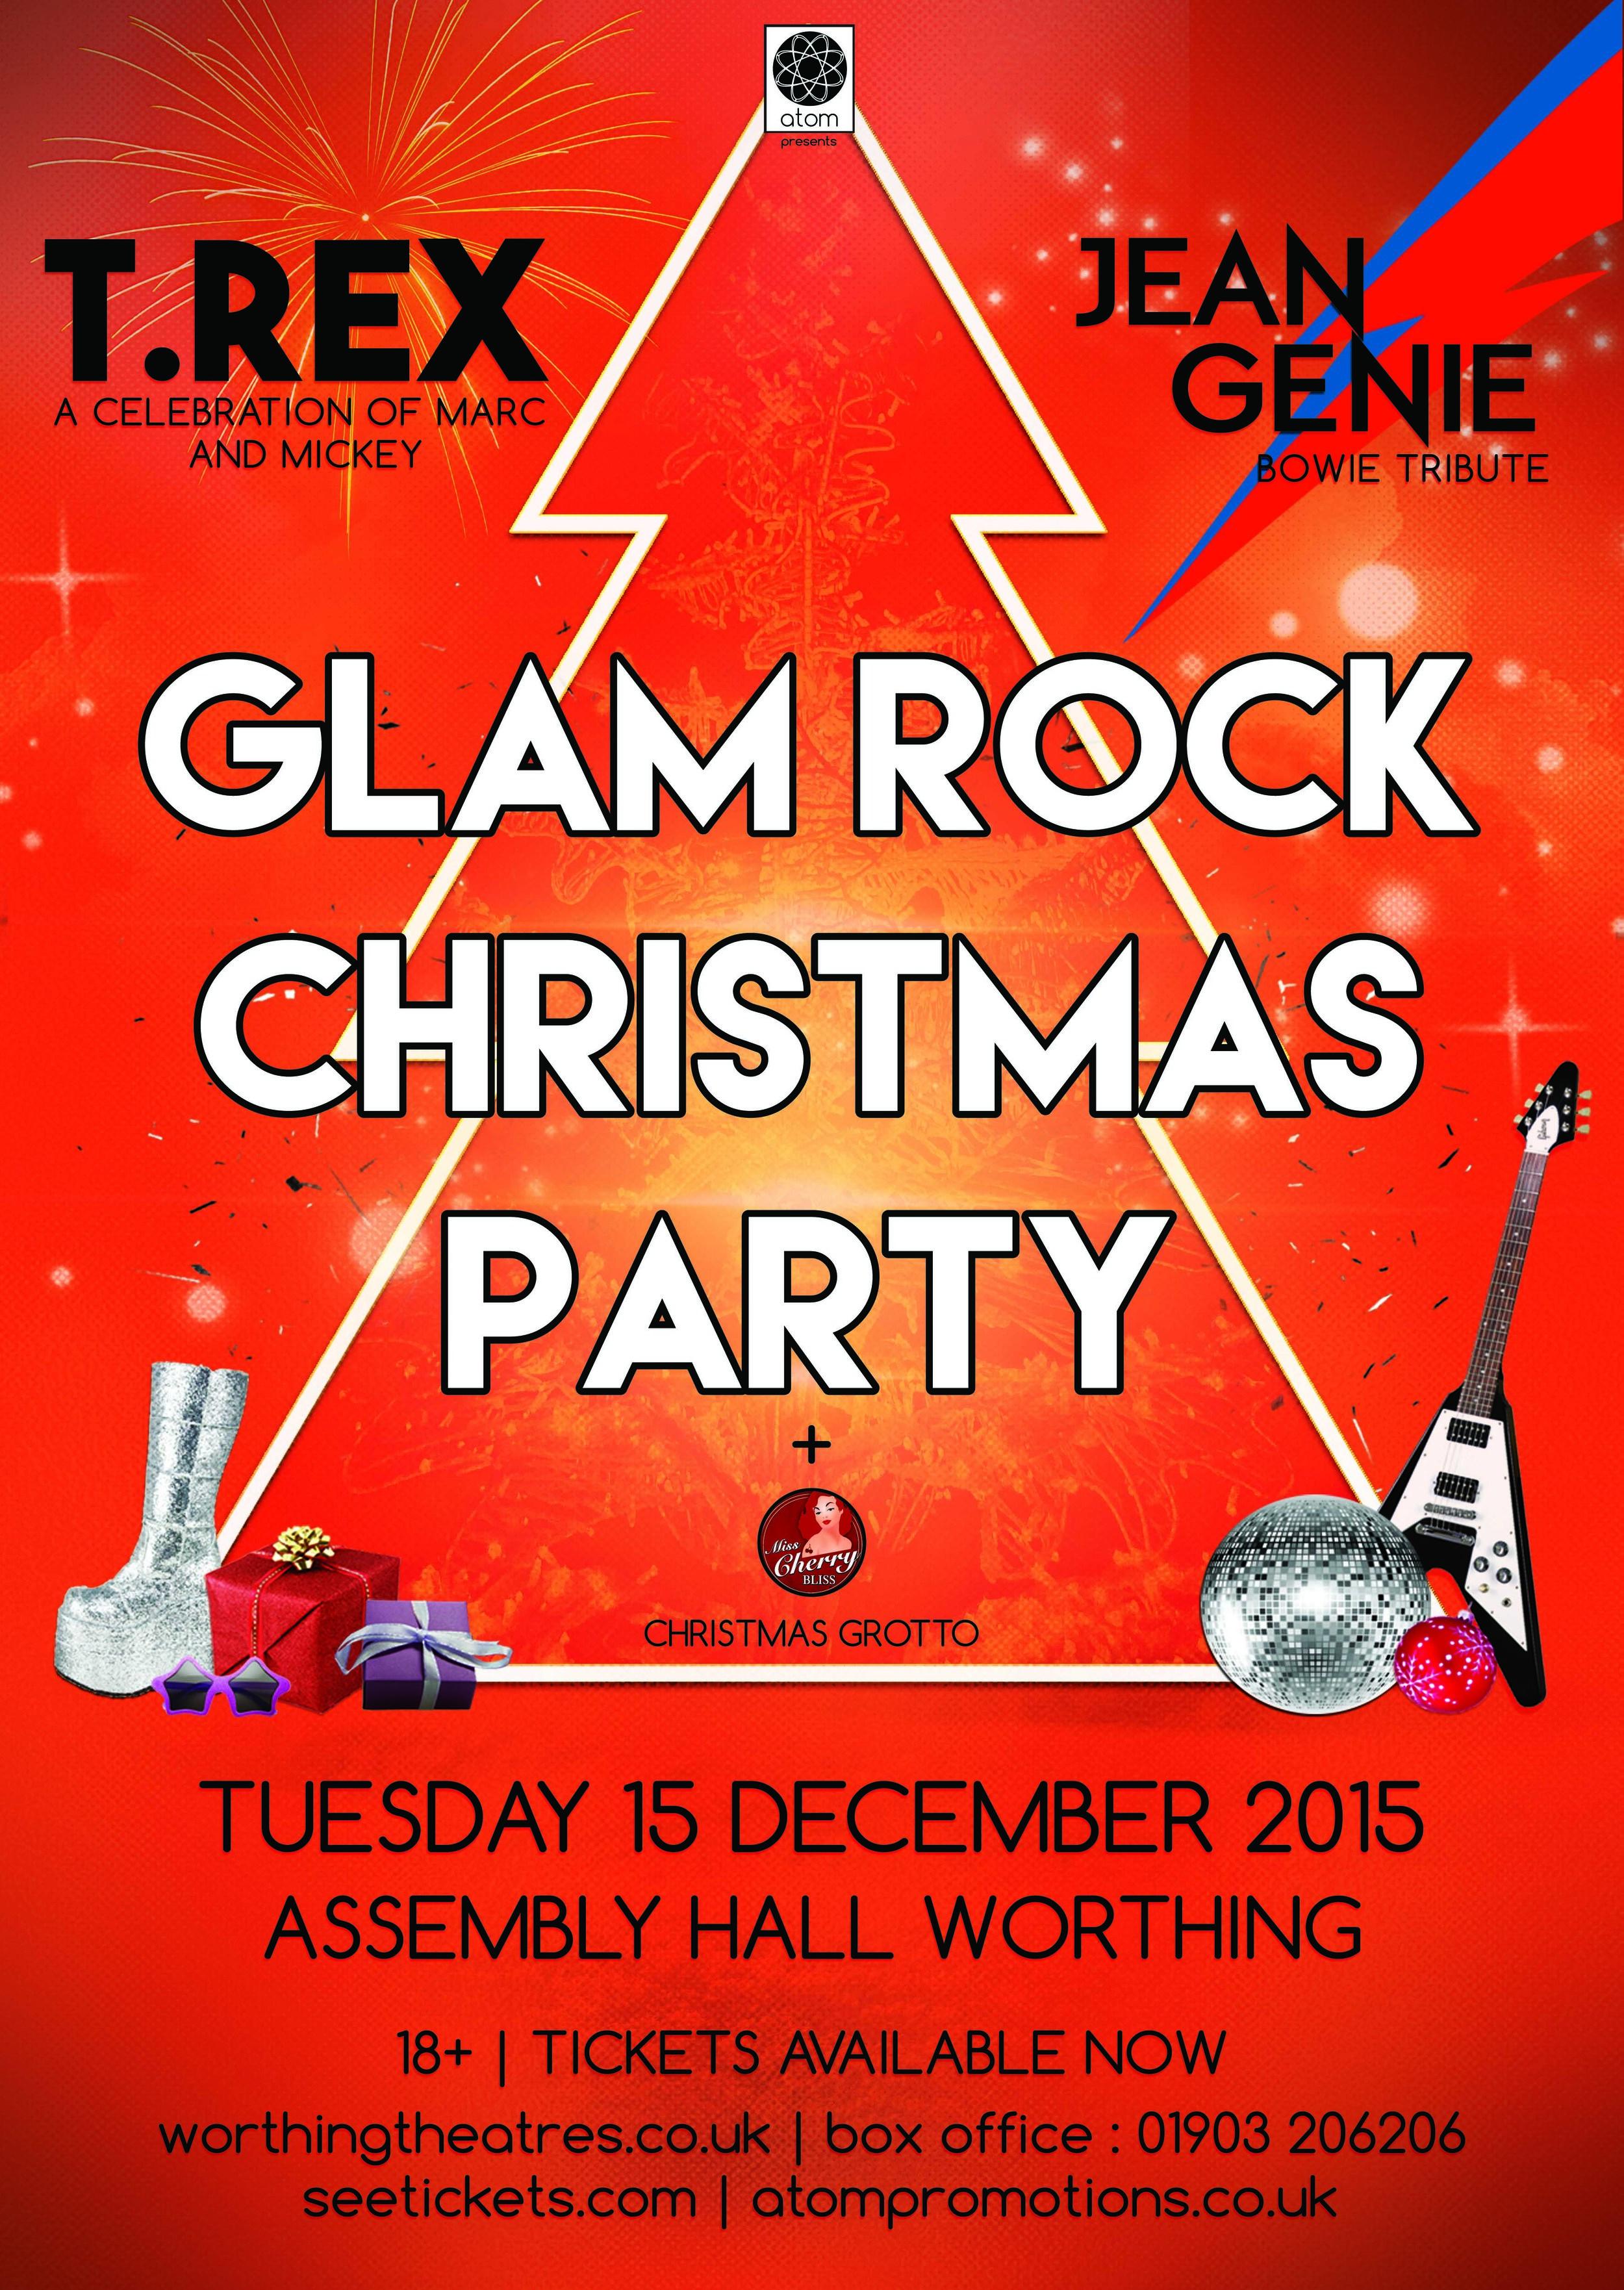 Glam Rock Christmas